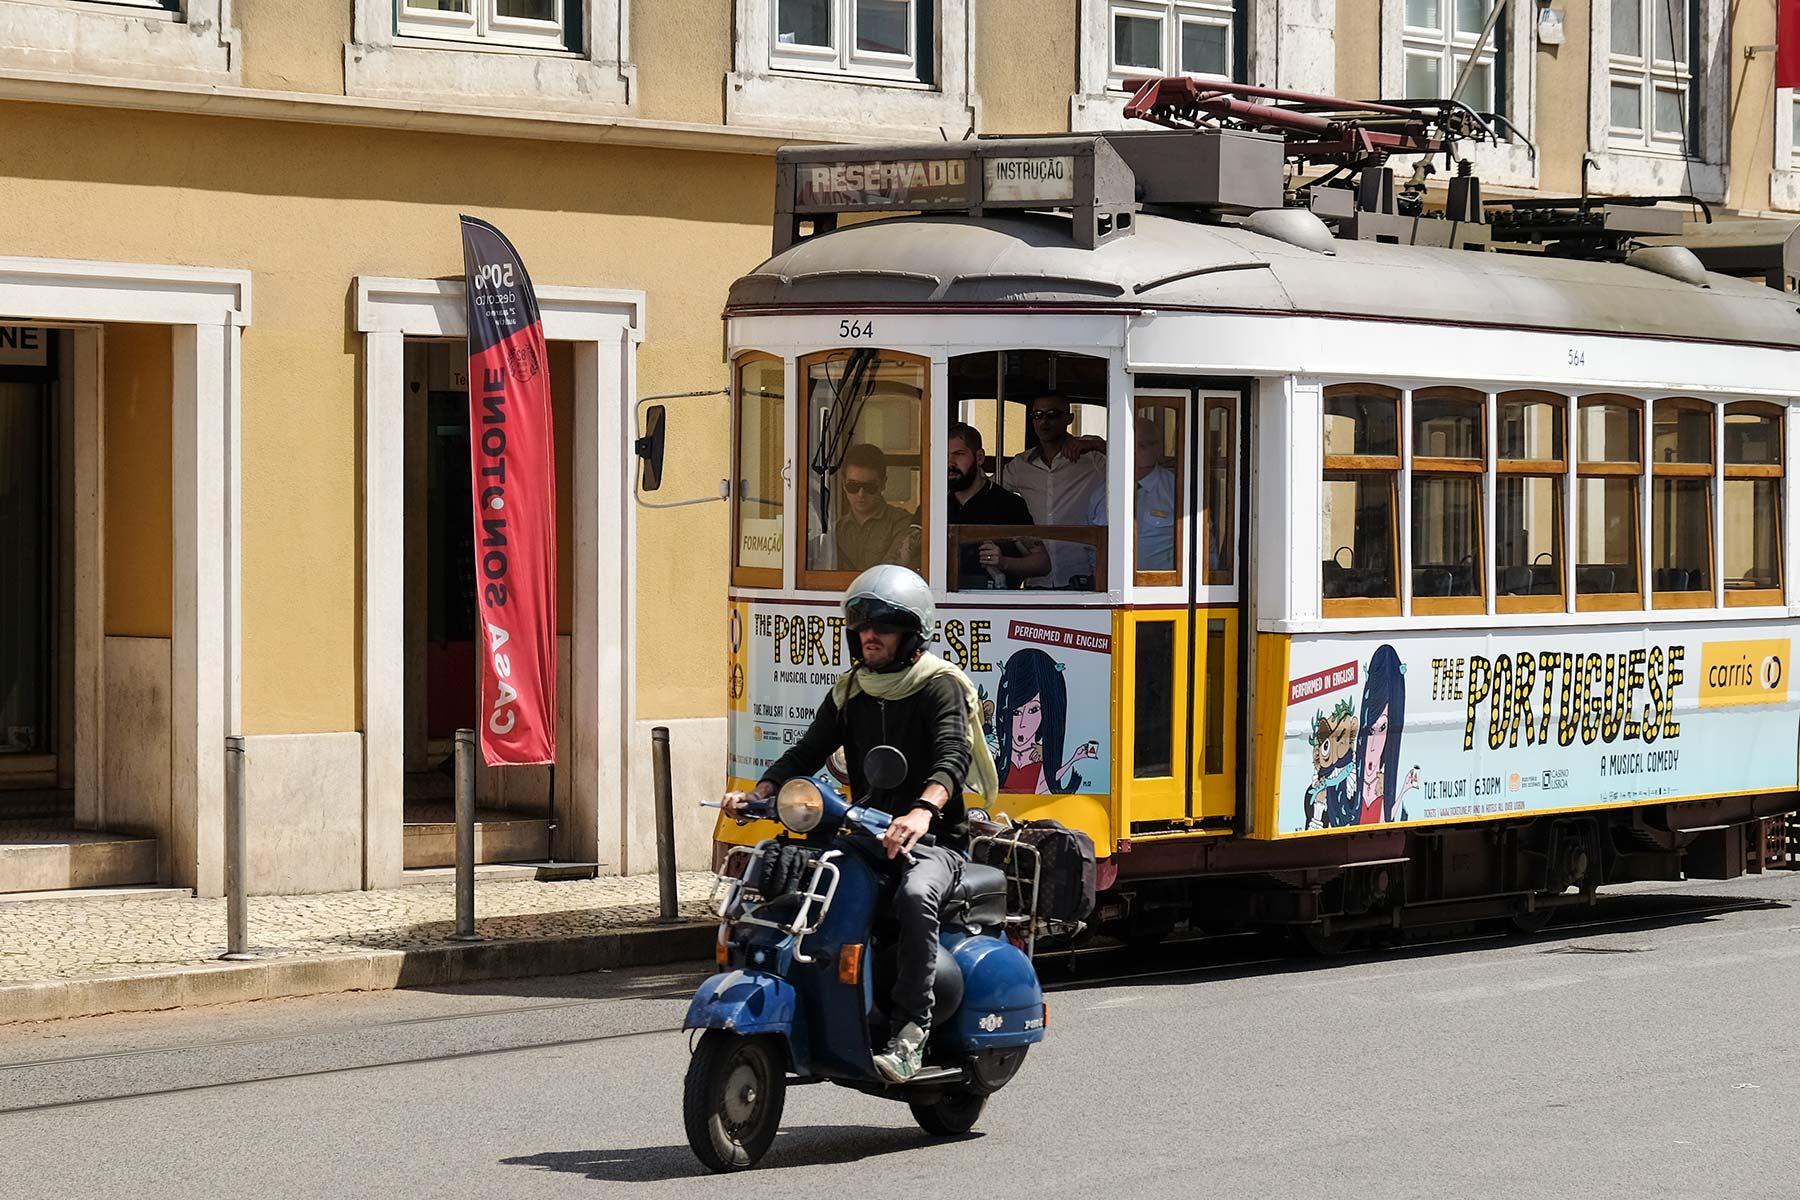 Historische Straßenbahn in Lissabon, Portugal